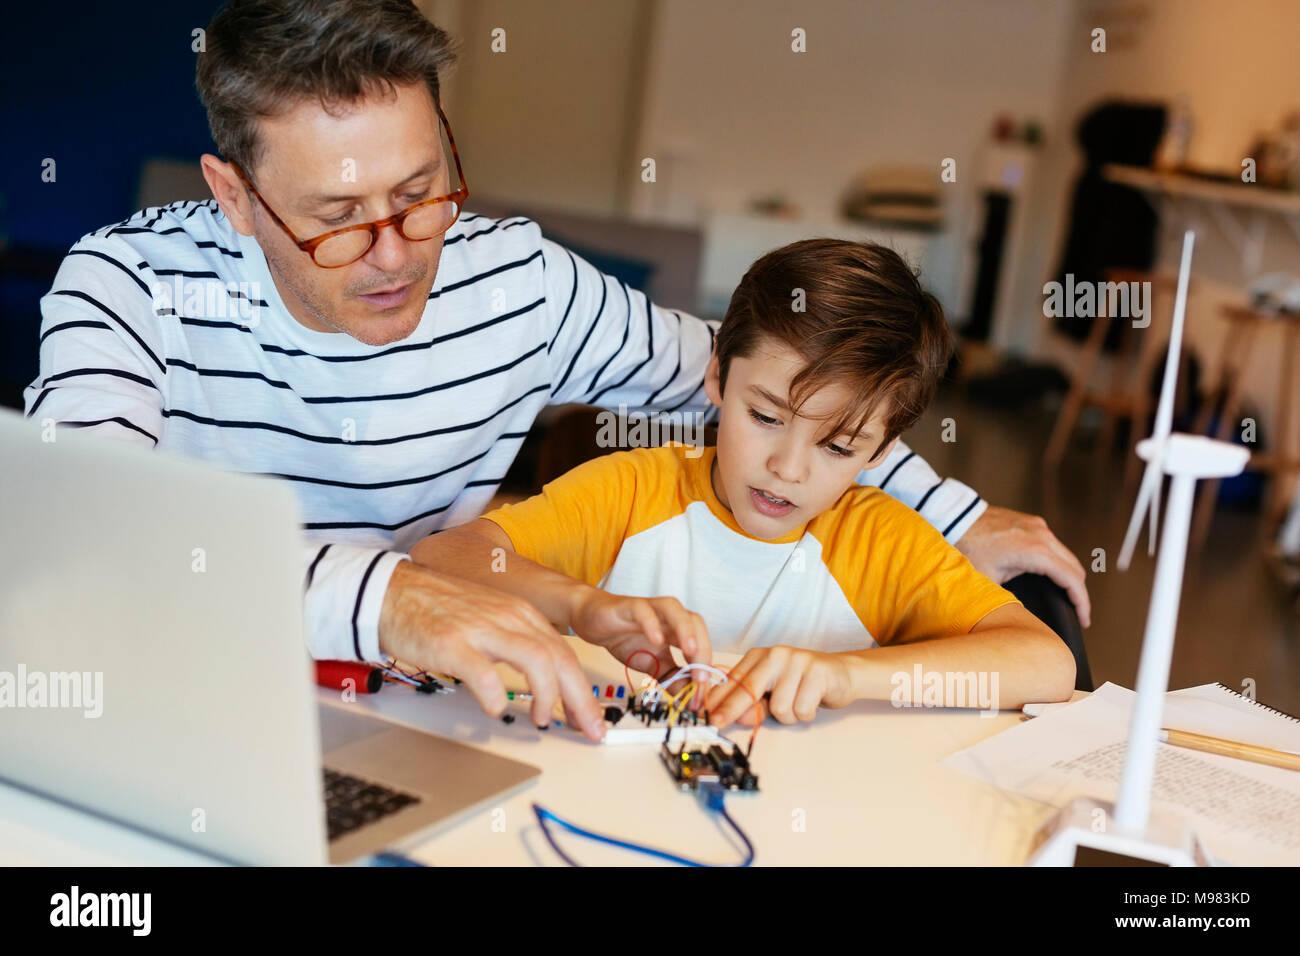 El padre y el hijo, el montaje de un kit de construcción con laptop y modelo de aerogenerador Imagen De Stock